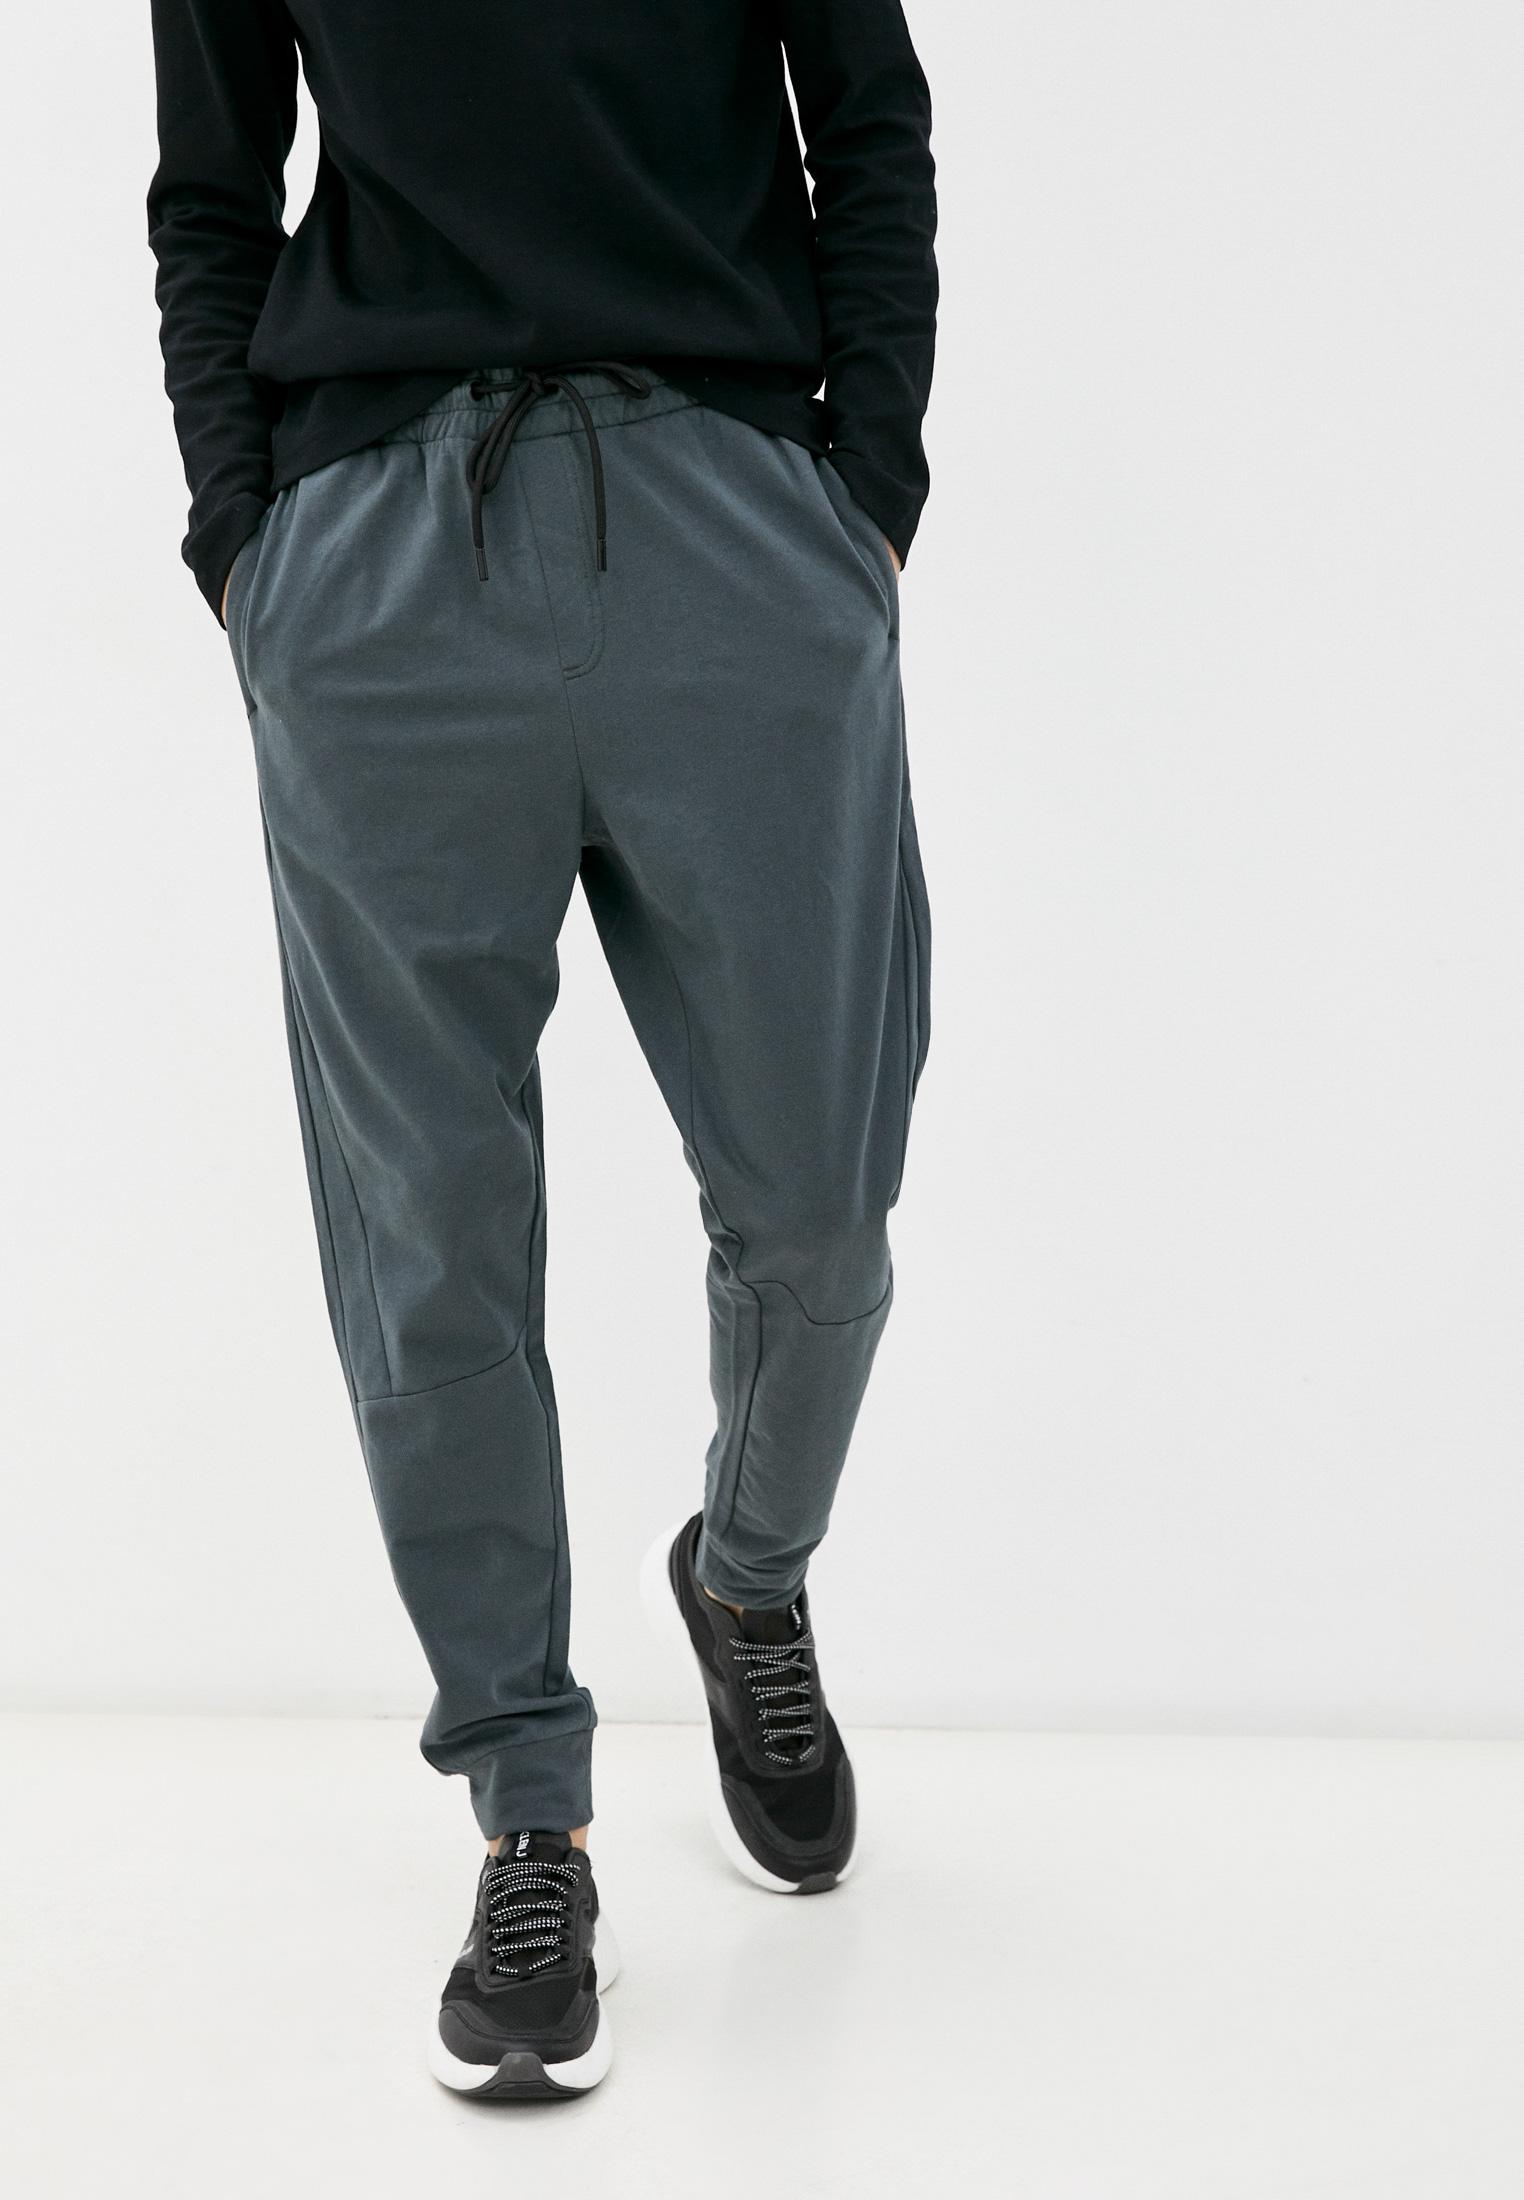 Мужские спортивные брюки J. Hart & Bros Брюки спортивные J. Hart & Bros